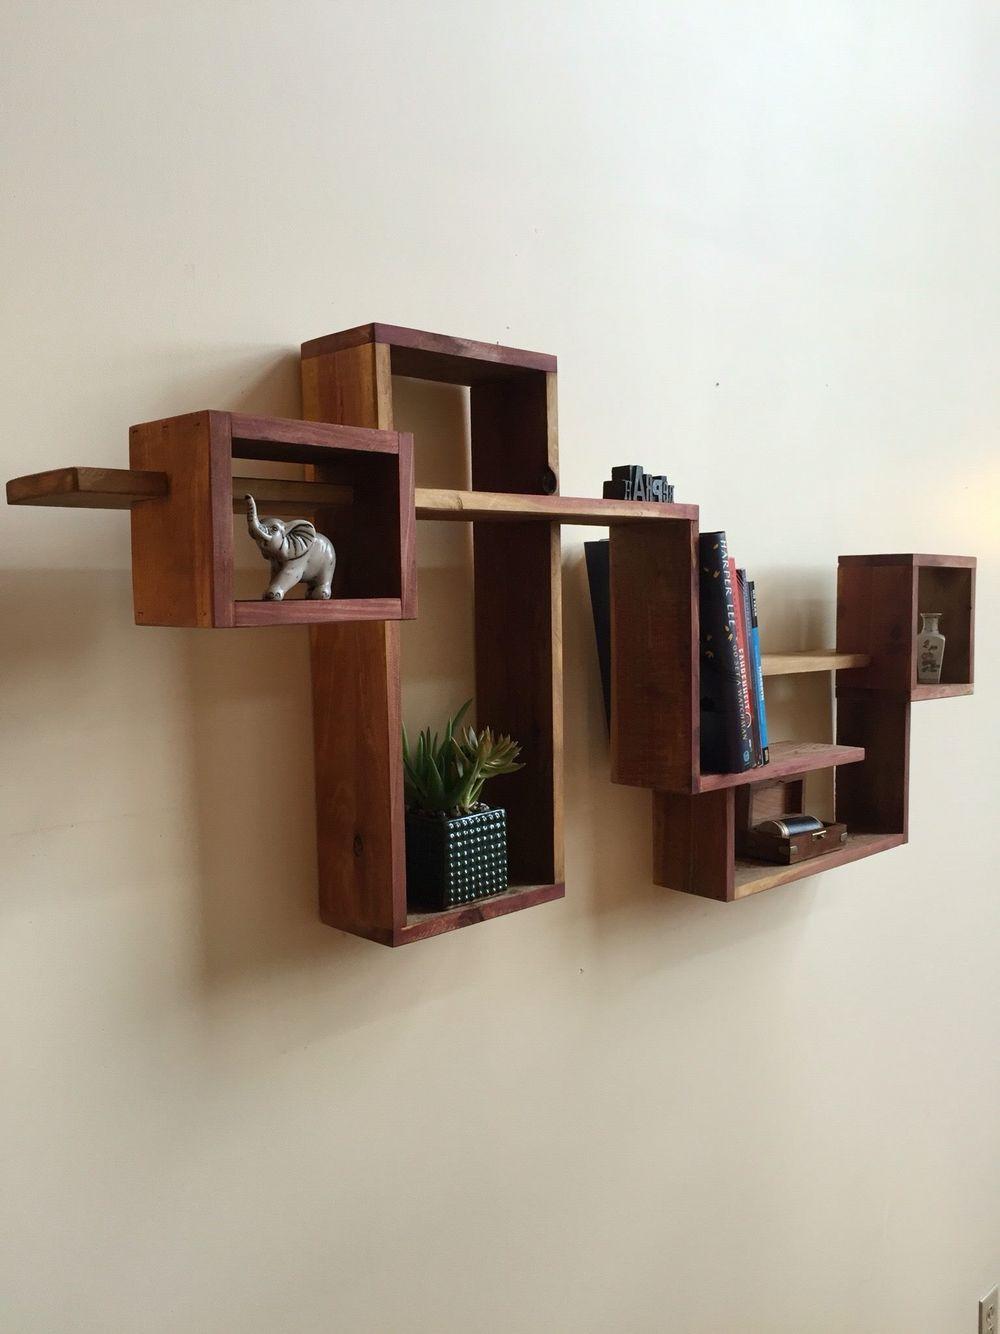 Geometric Shadow Box Display Cabinet Wall Hanging Shelf Wall Hanging Shadow Boxes Wooden Shadow Boxes W Bookcase Diy Wooden Shadow Box Wall Hanging Shelves